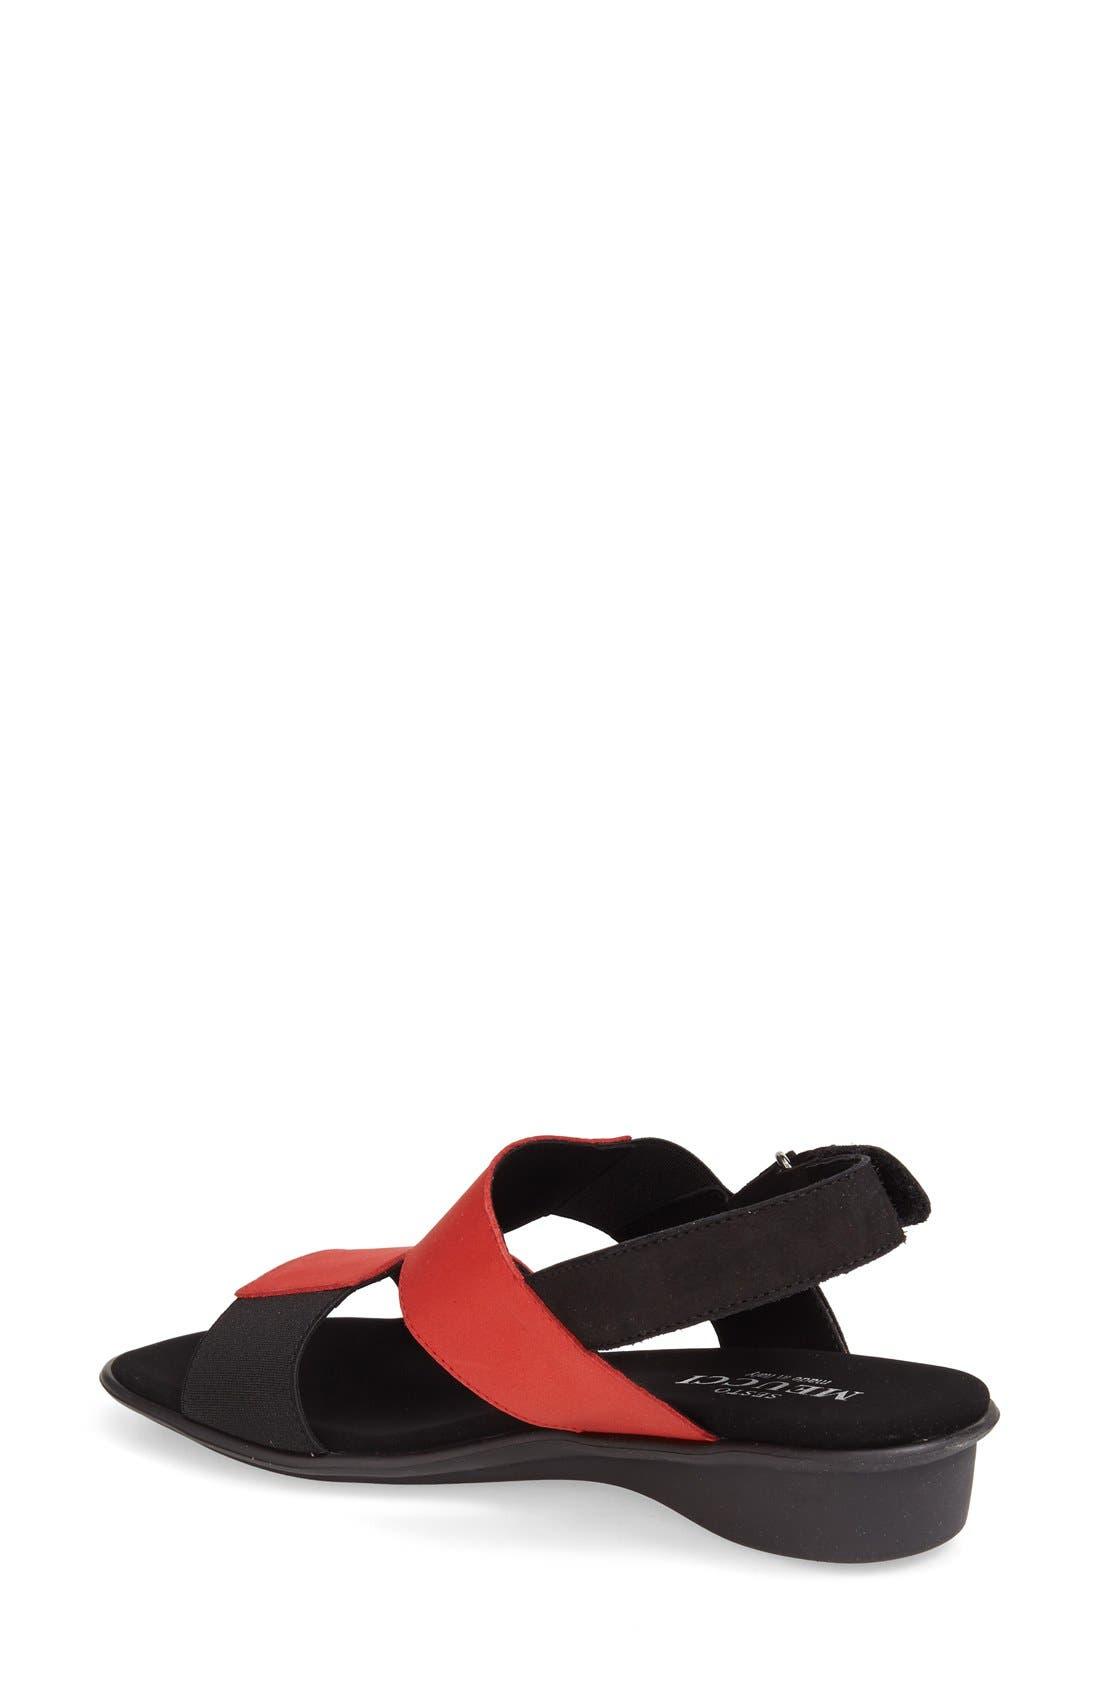 'Eudore' Slingback Sandal,                             Alternate thumbnail 2, color,                             RED NUBUCK